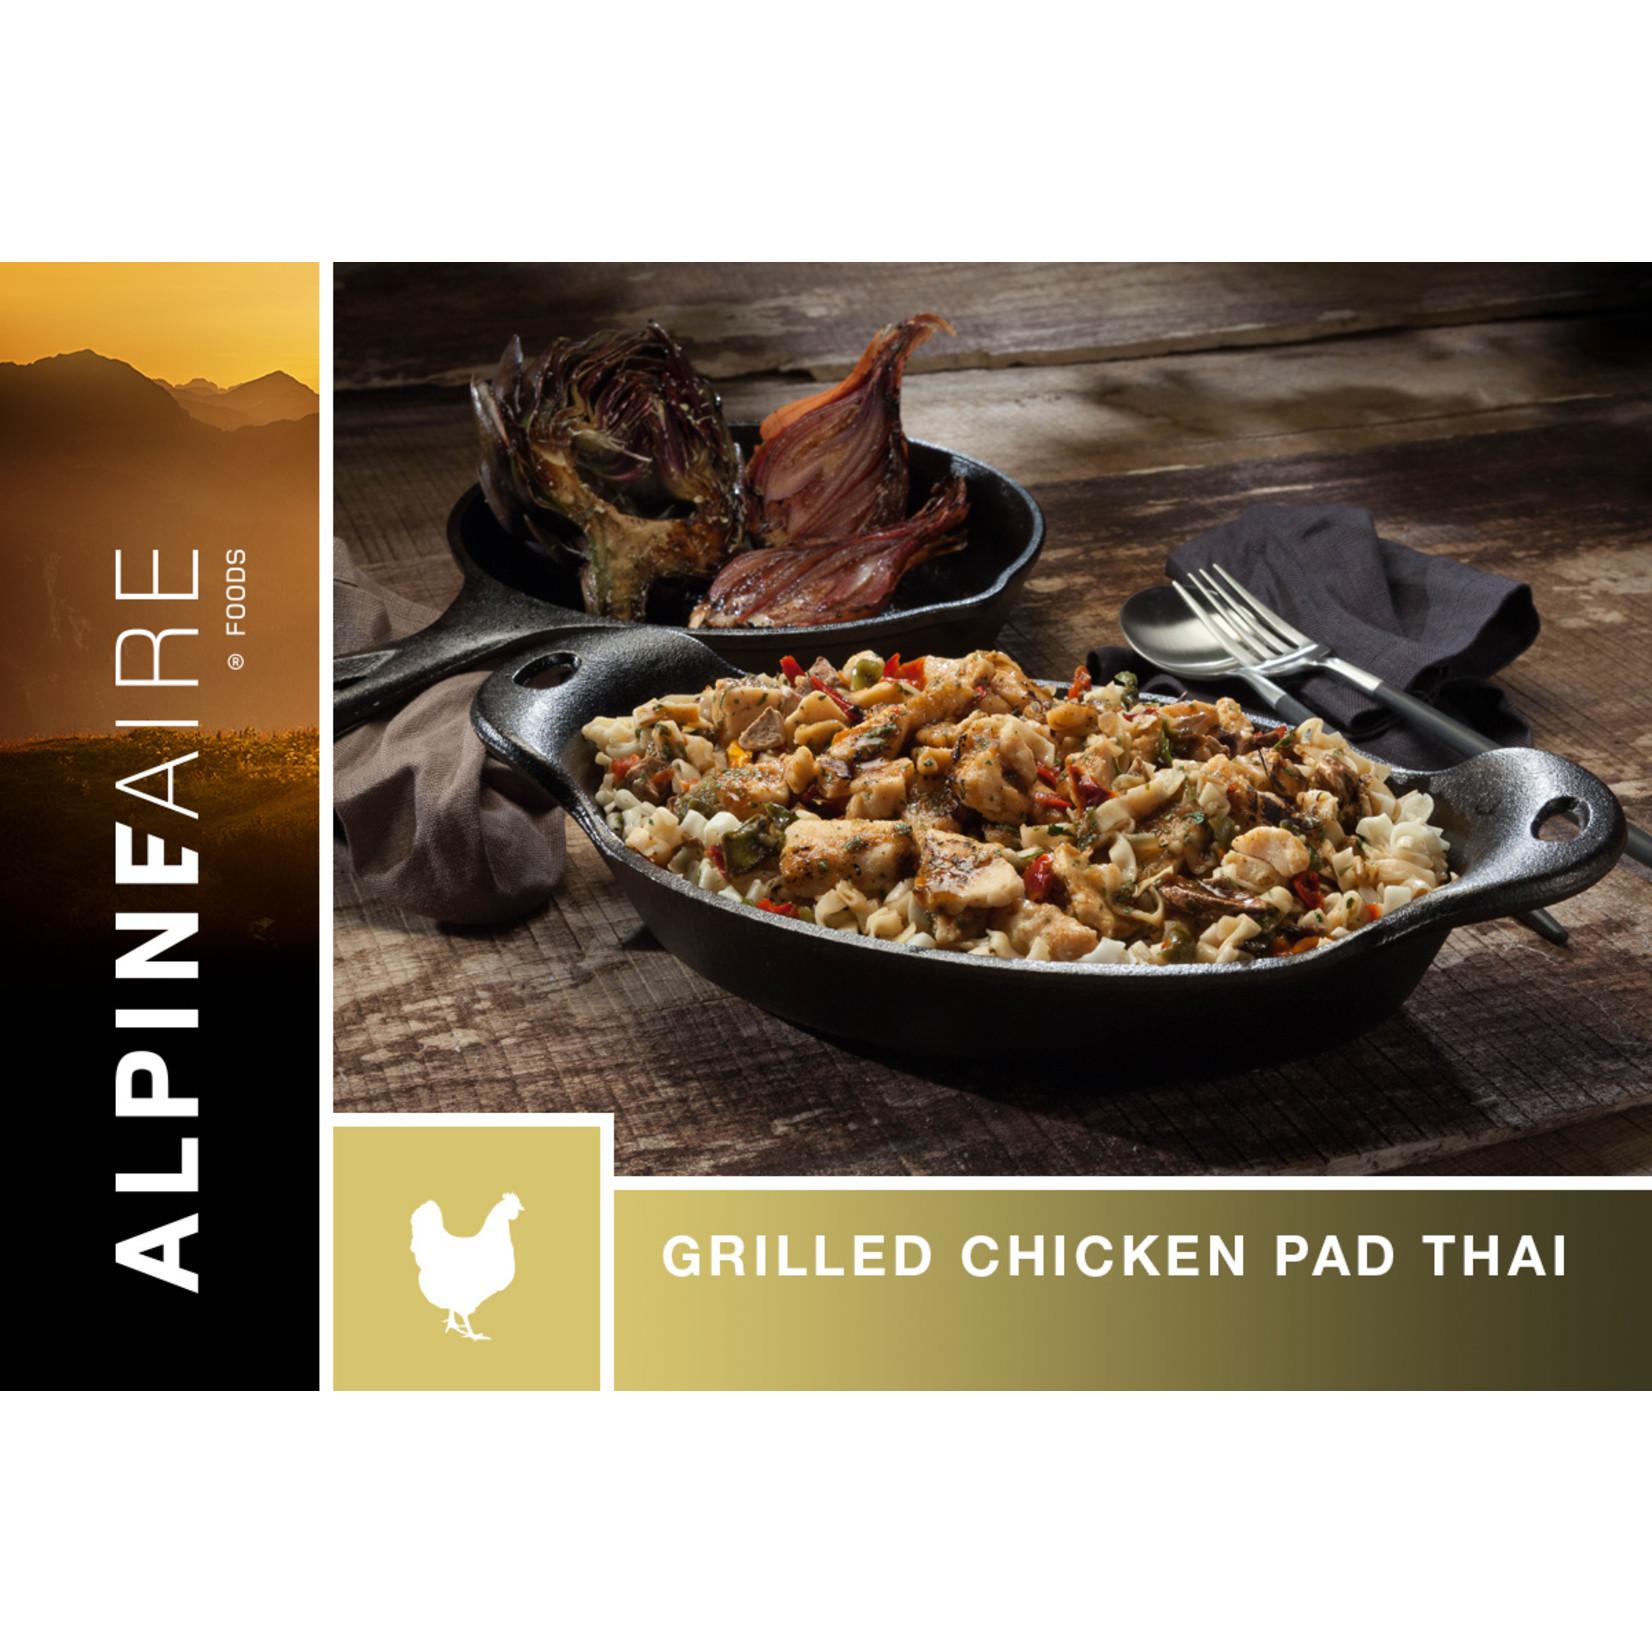 ALPINEAIRE Grilled Chicken Pad Thai